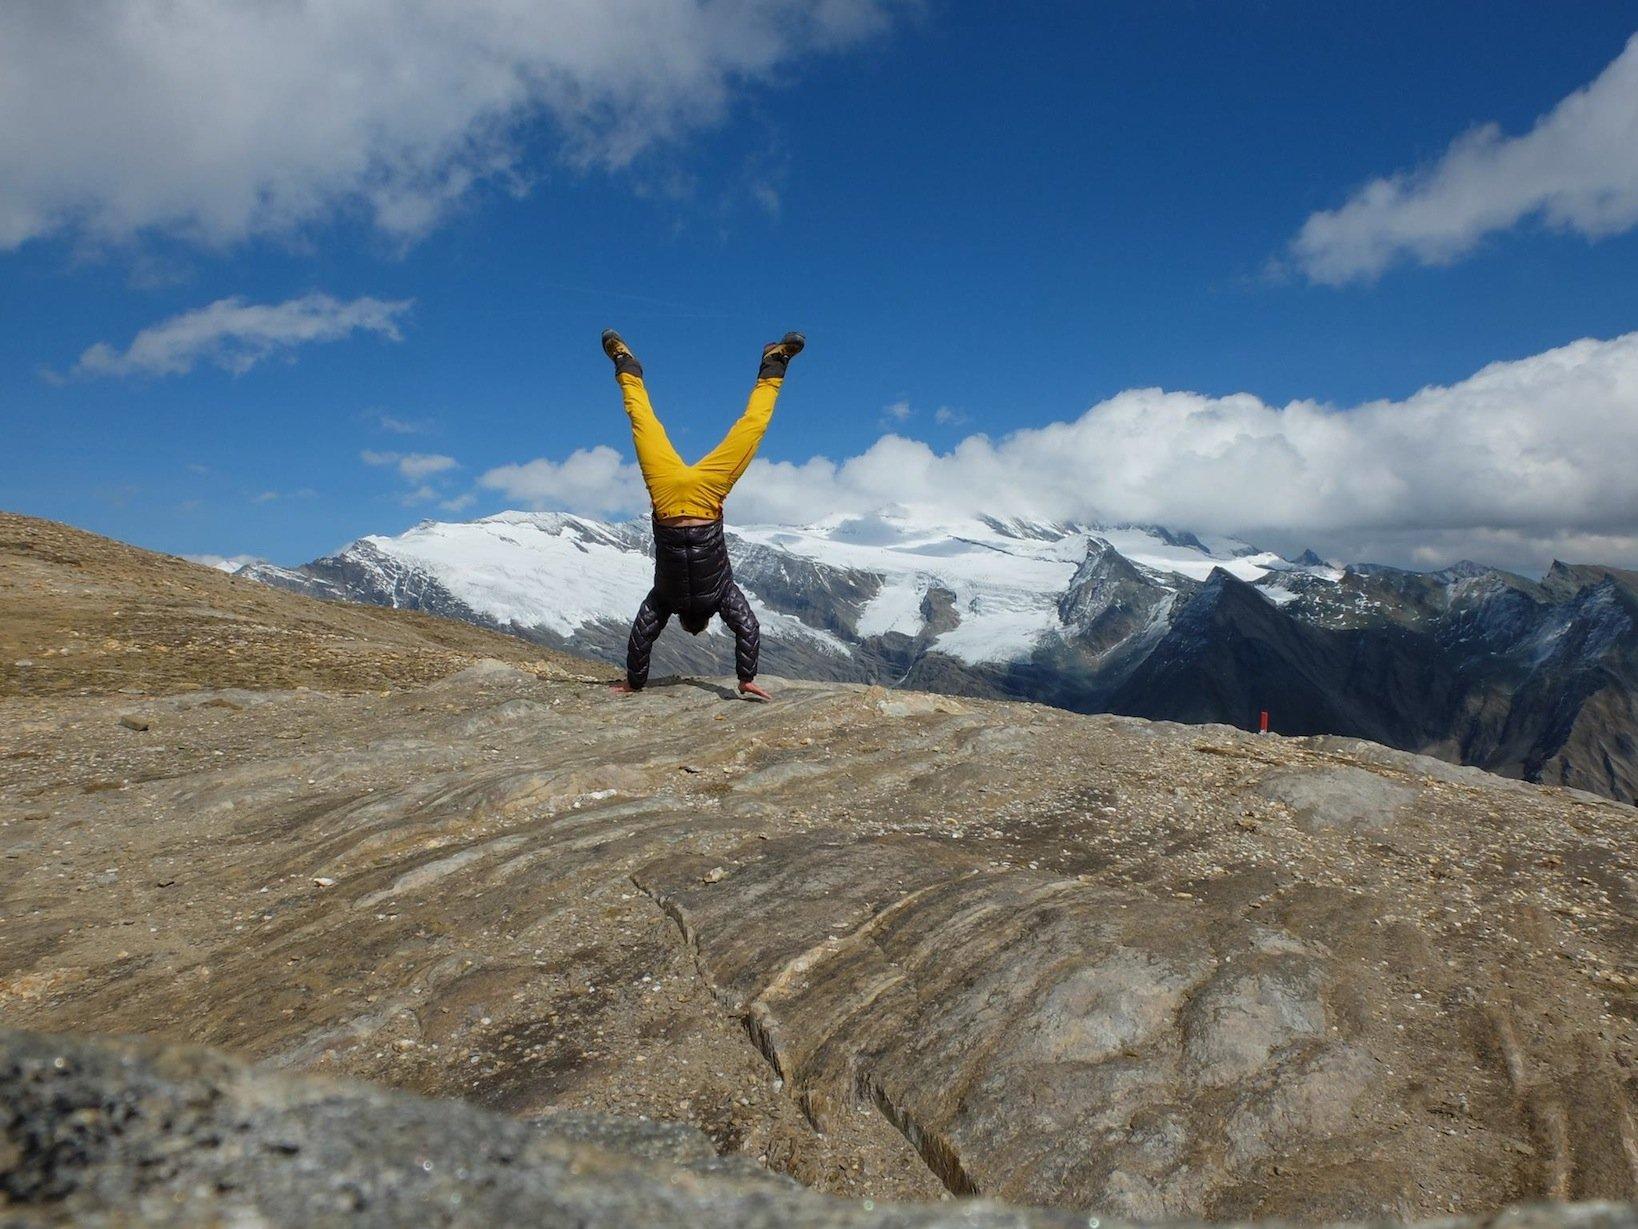 Testbericht La Sportiva Nepal Evo GTX: Füße hoch mal anders  - im Einsatz auf dem Adlerweg (© airfreshing.com)